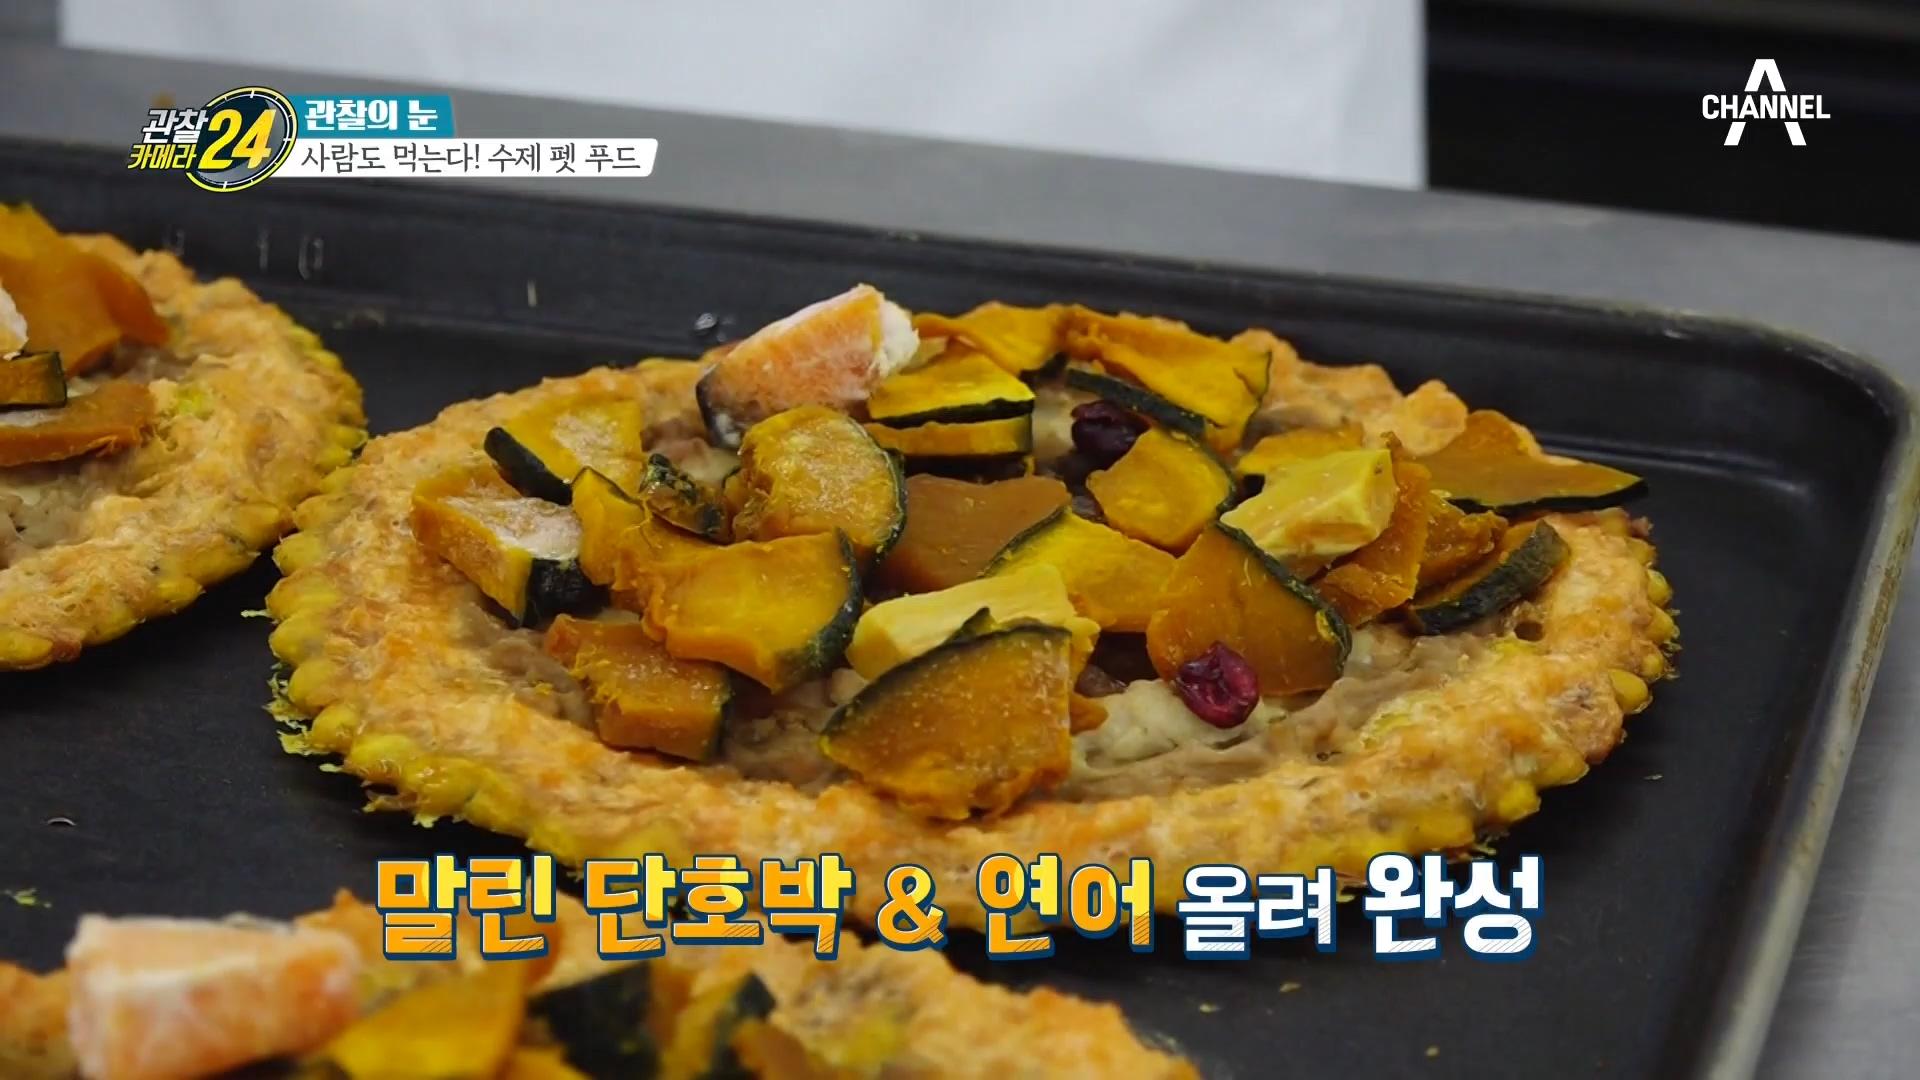 사람도 먹을 수 있는 ★고기 듬뿍 수제 펫 피자★